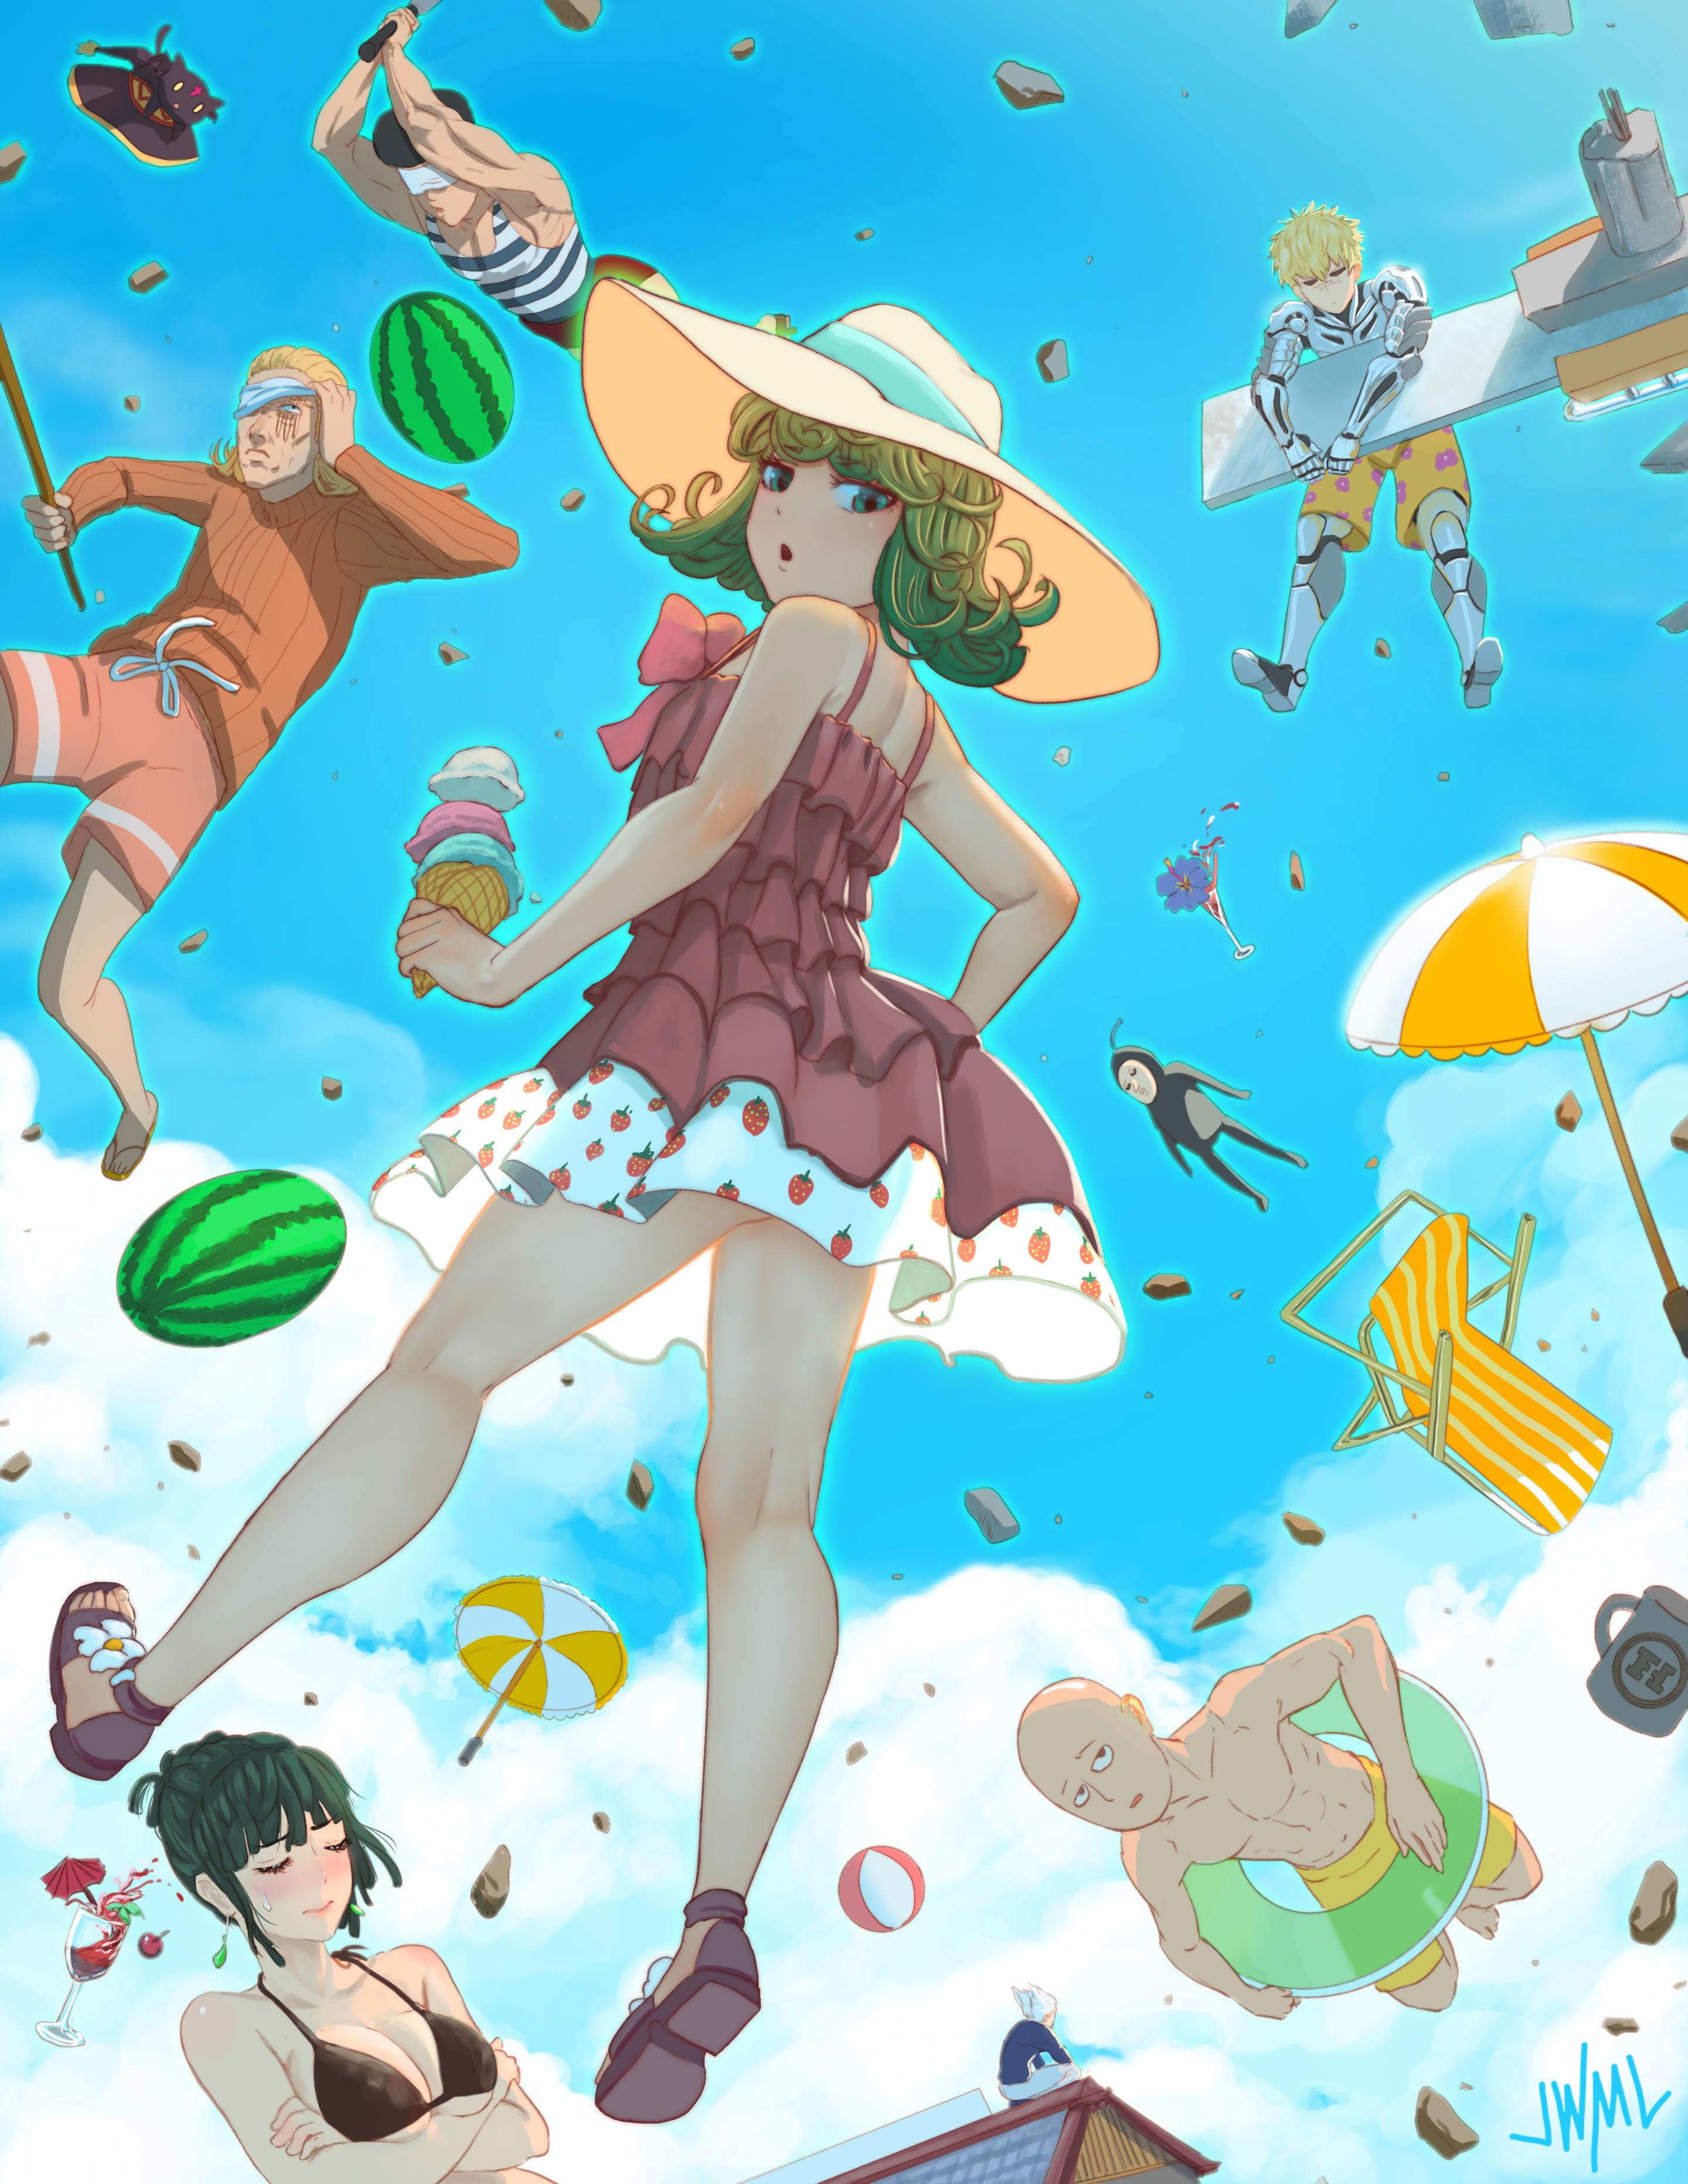 Wallpaper One Punch Man Anime Girls Tatsumaki Genos Saitama